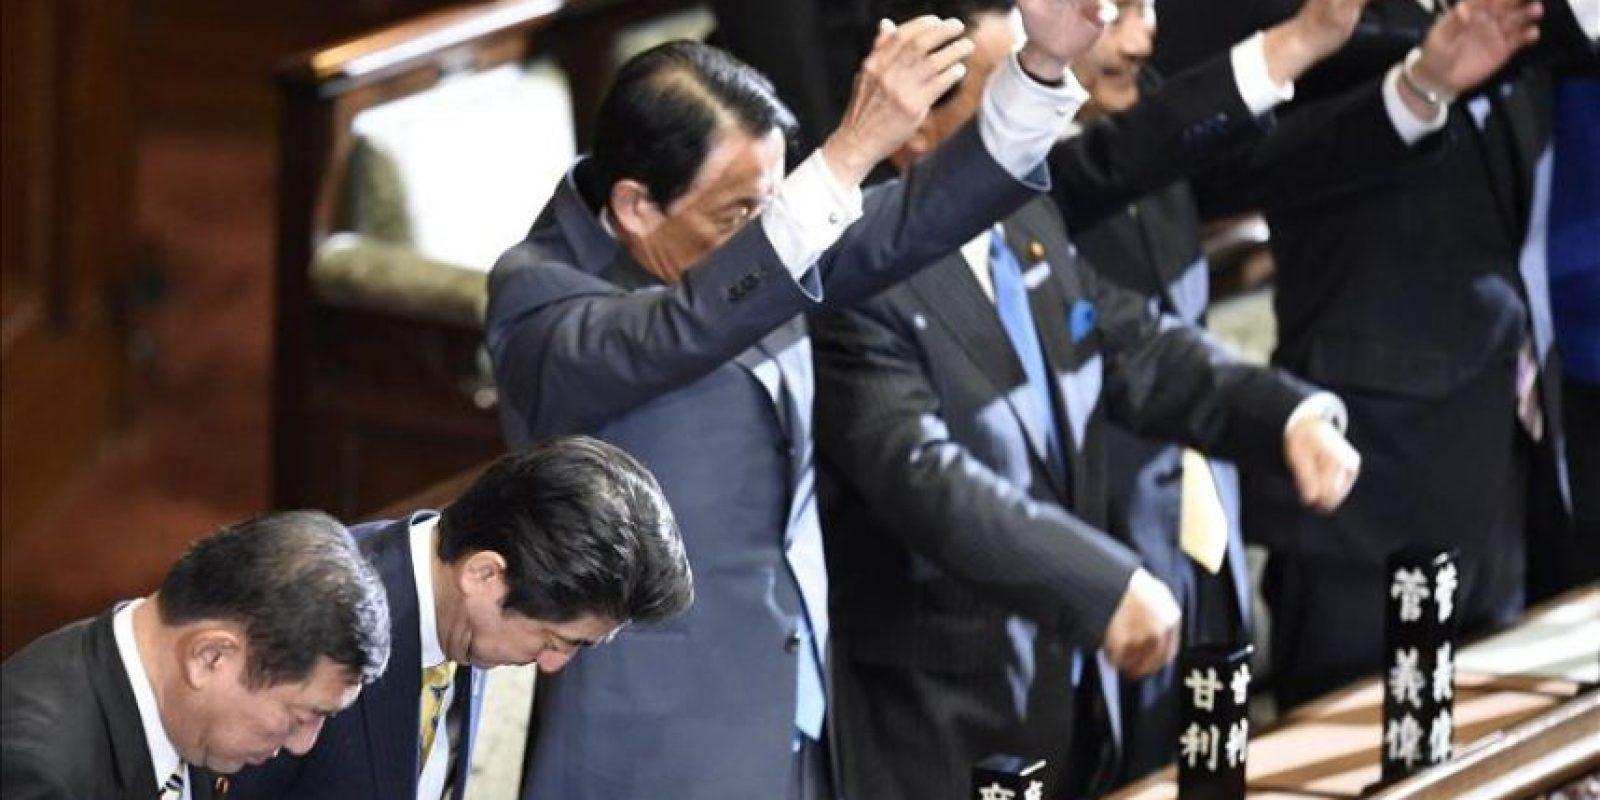 El primer ministro nipón, Shinzo Abe (2ºizda), disuelve la Cámara de Representantes del Parlamento en Tokio (Japón) con el fin de celebrar elecciones anticipadas en diciembre. EFE